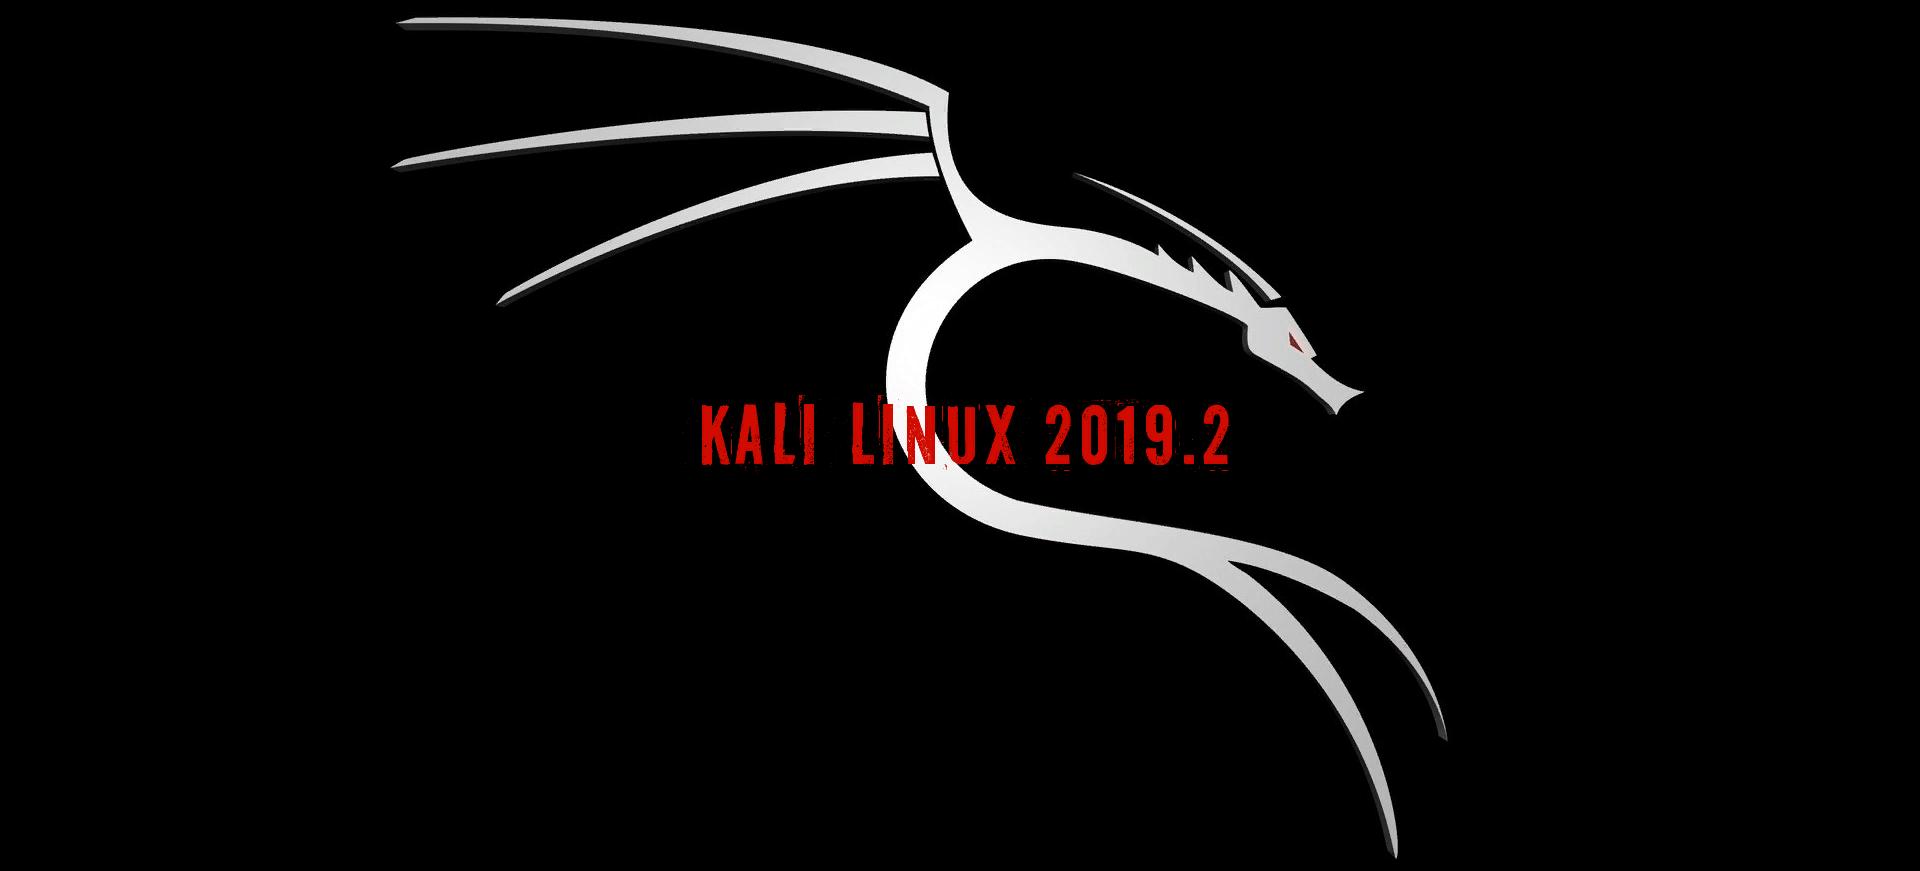 👩👩👦👦 Выпущена Kali Linux 2019.2 — ядро 4.19.28, обновления хакерских инструментов и новый Kali Linux NetHunter